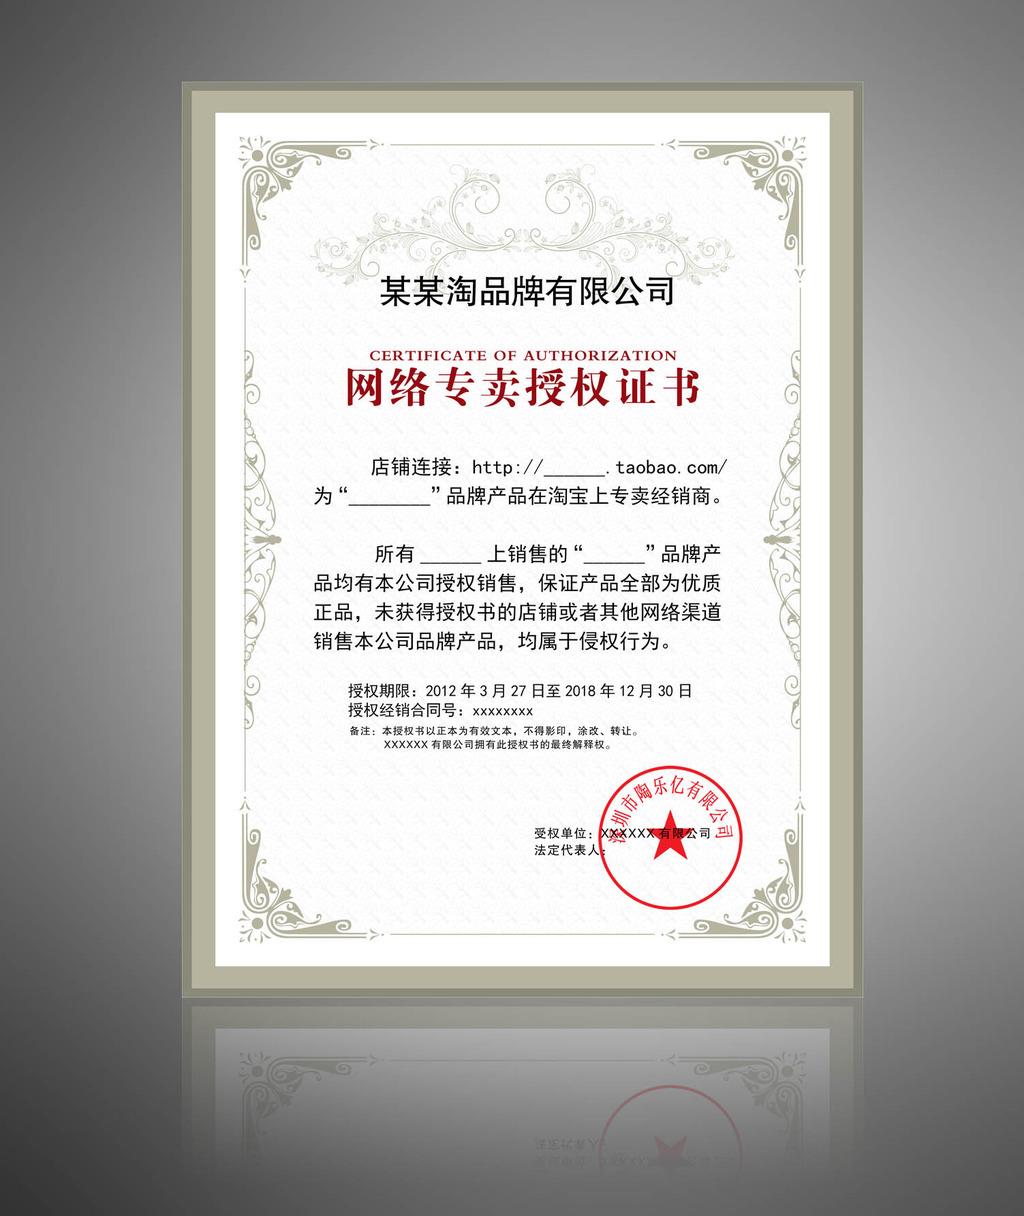 淘宝授权证书模板下载(图片编号:12673875)